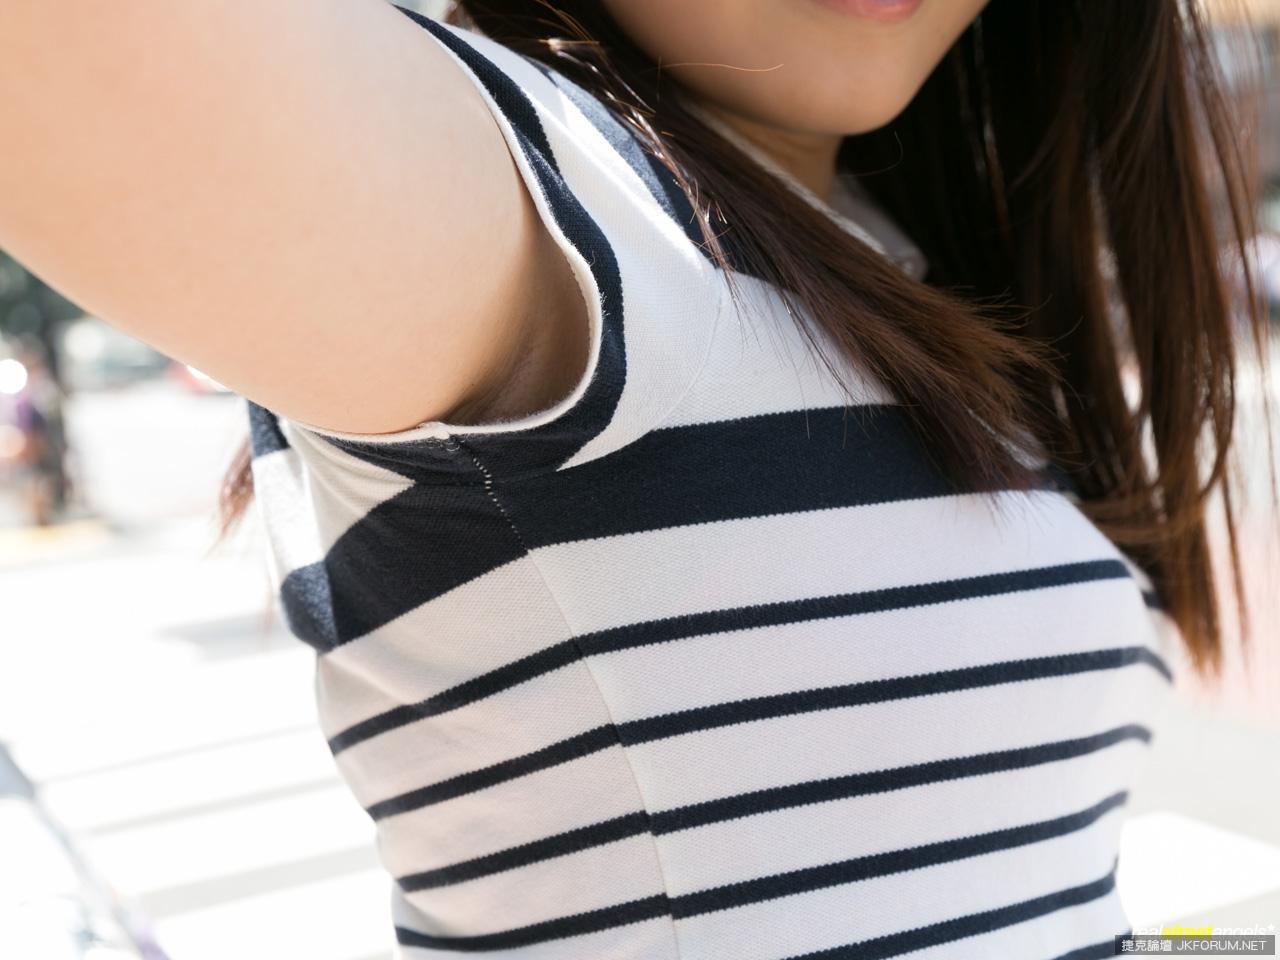 rara_rsa_022.jpg